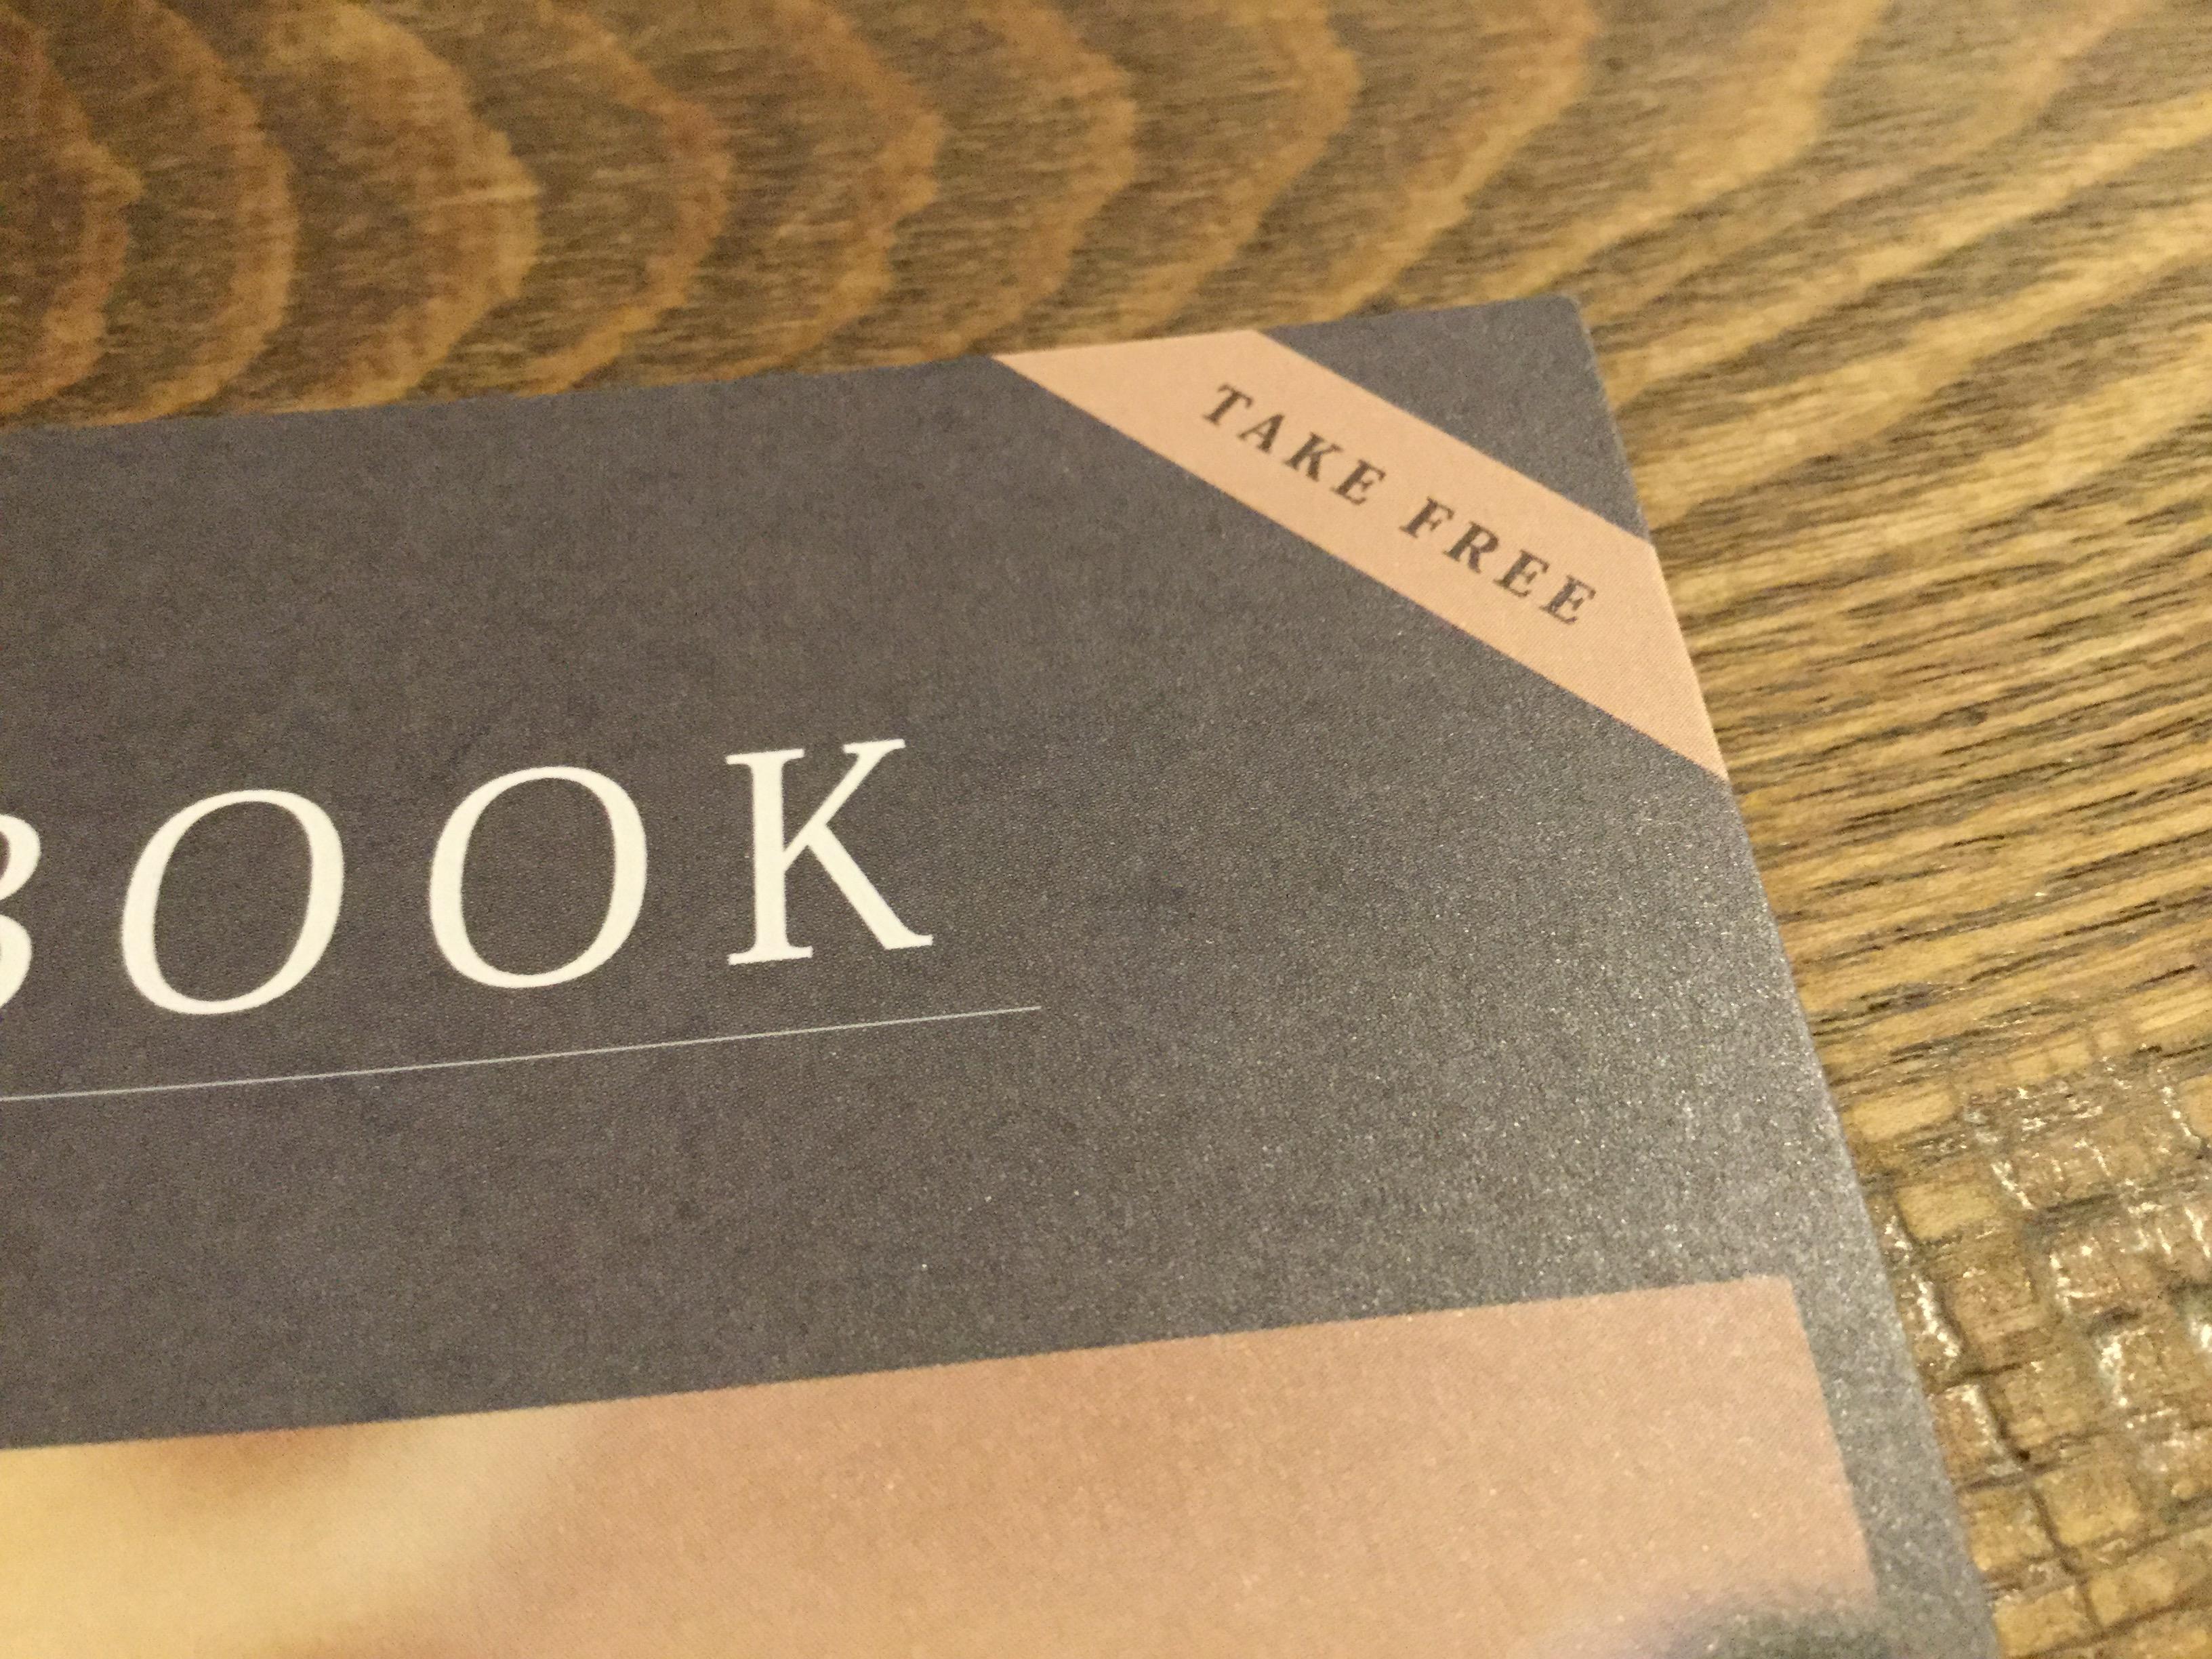 パンフレットにTake freeの文字がデザインされてます